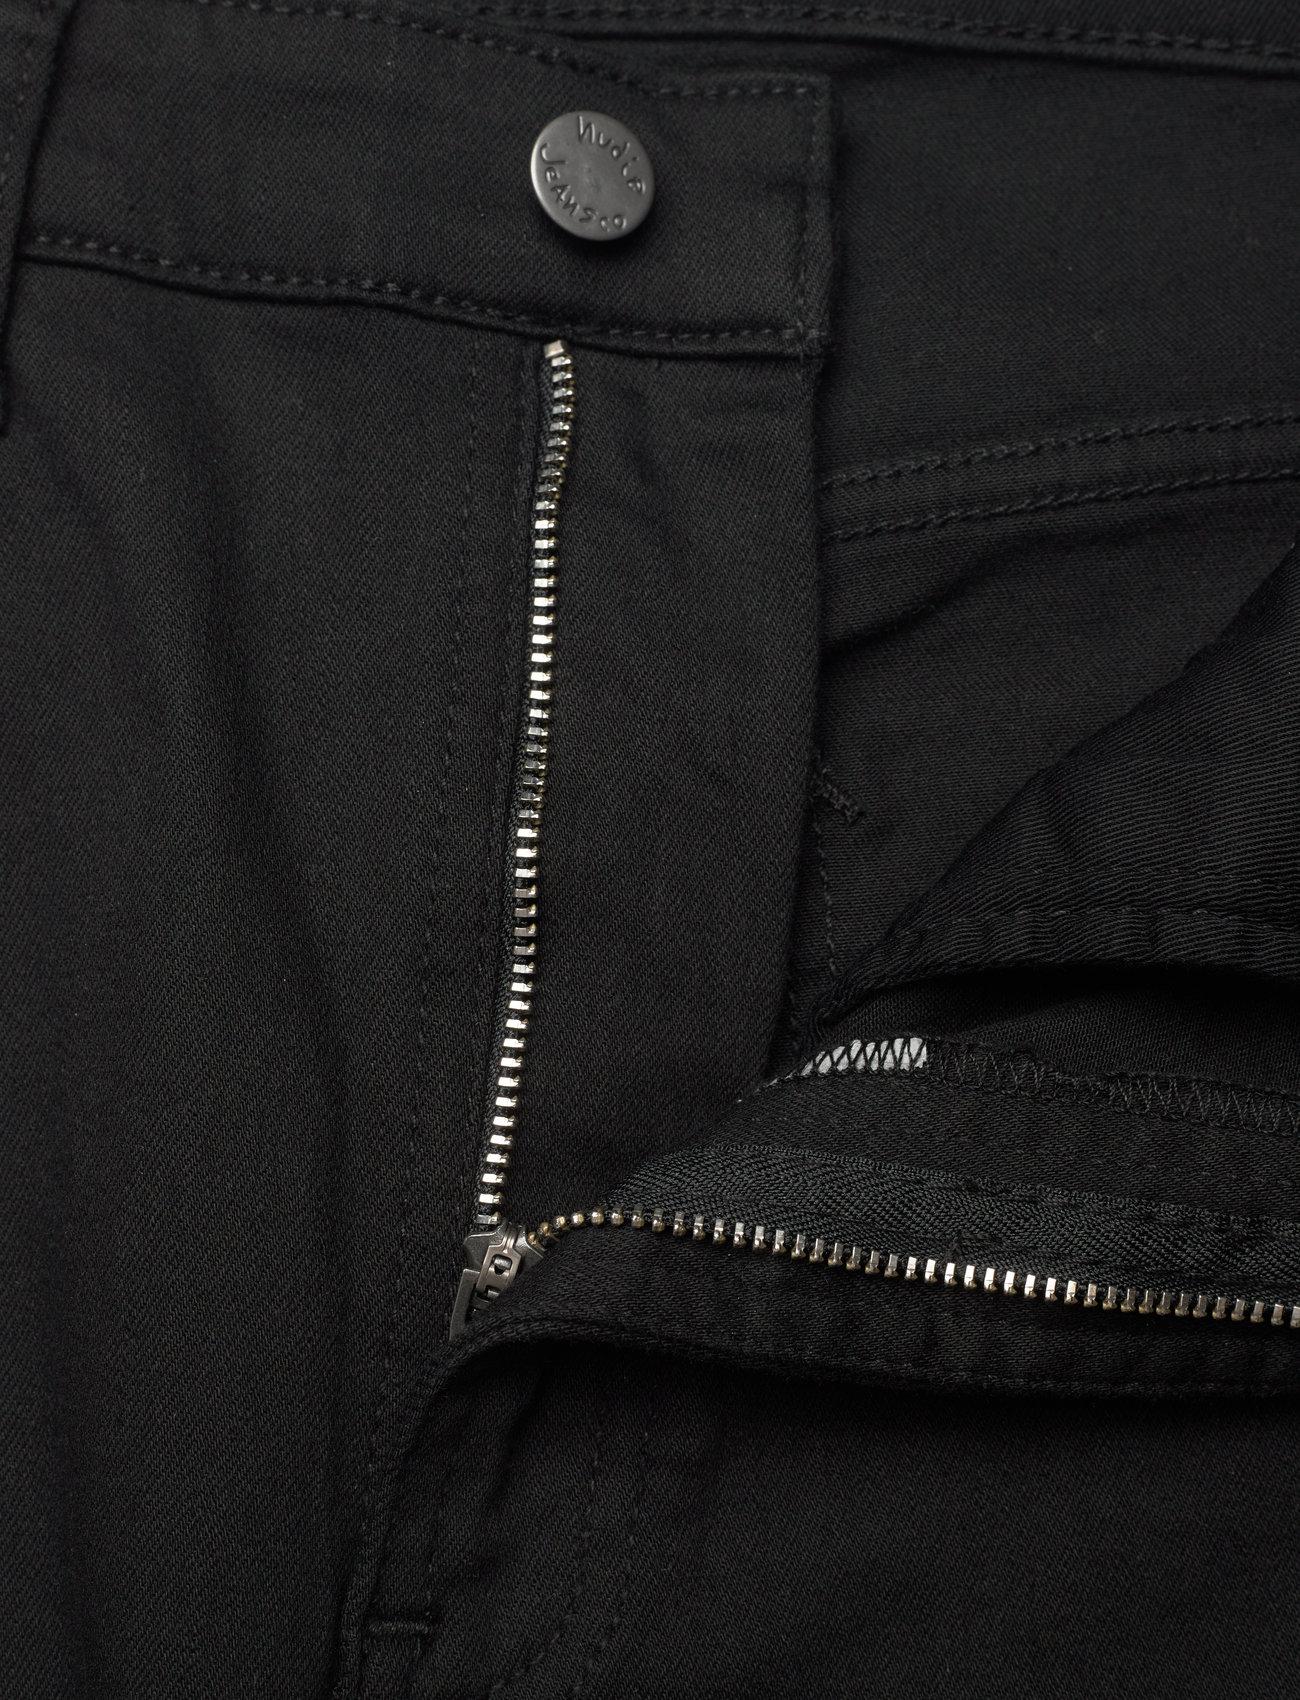 Nudie Jeans - Hightop Tilde - skinny jeans - everblack - 3